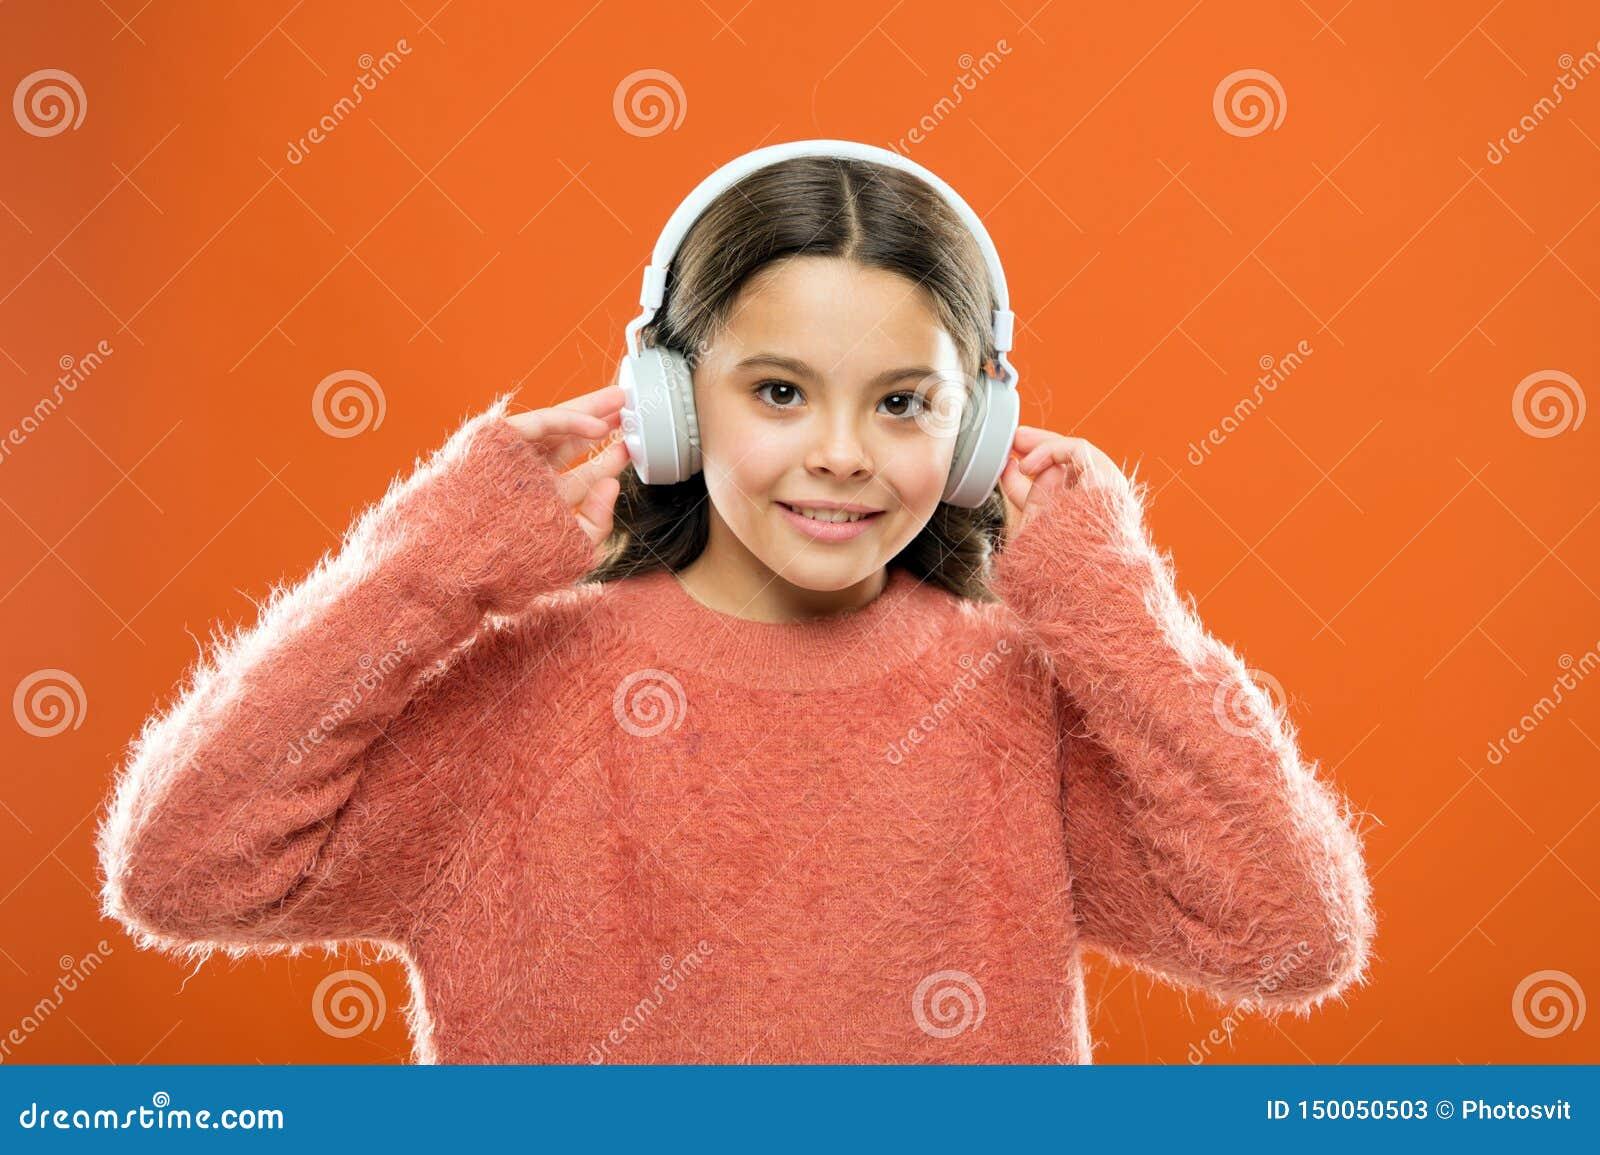 Os melhores apps livres da música para seu dispositivo móvel Aprecie o som A crian?a pequena bonito da menina veste fones de ouvi